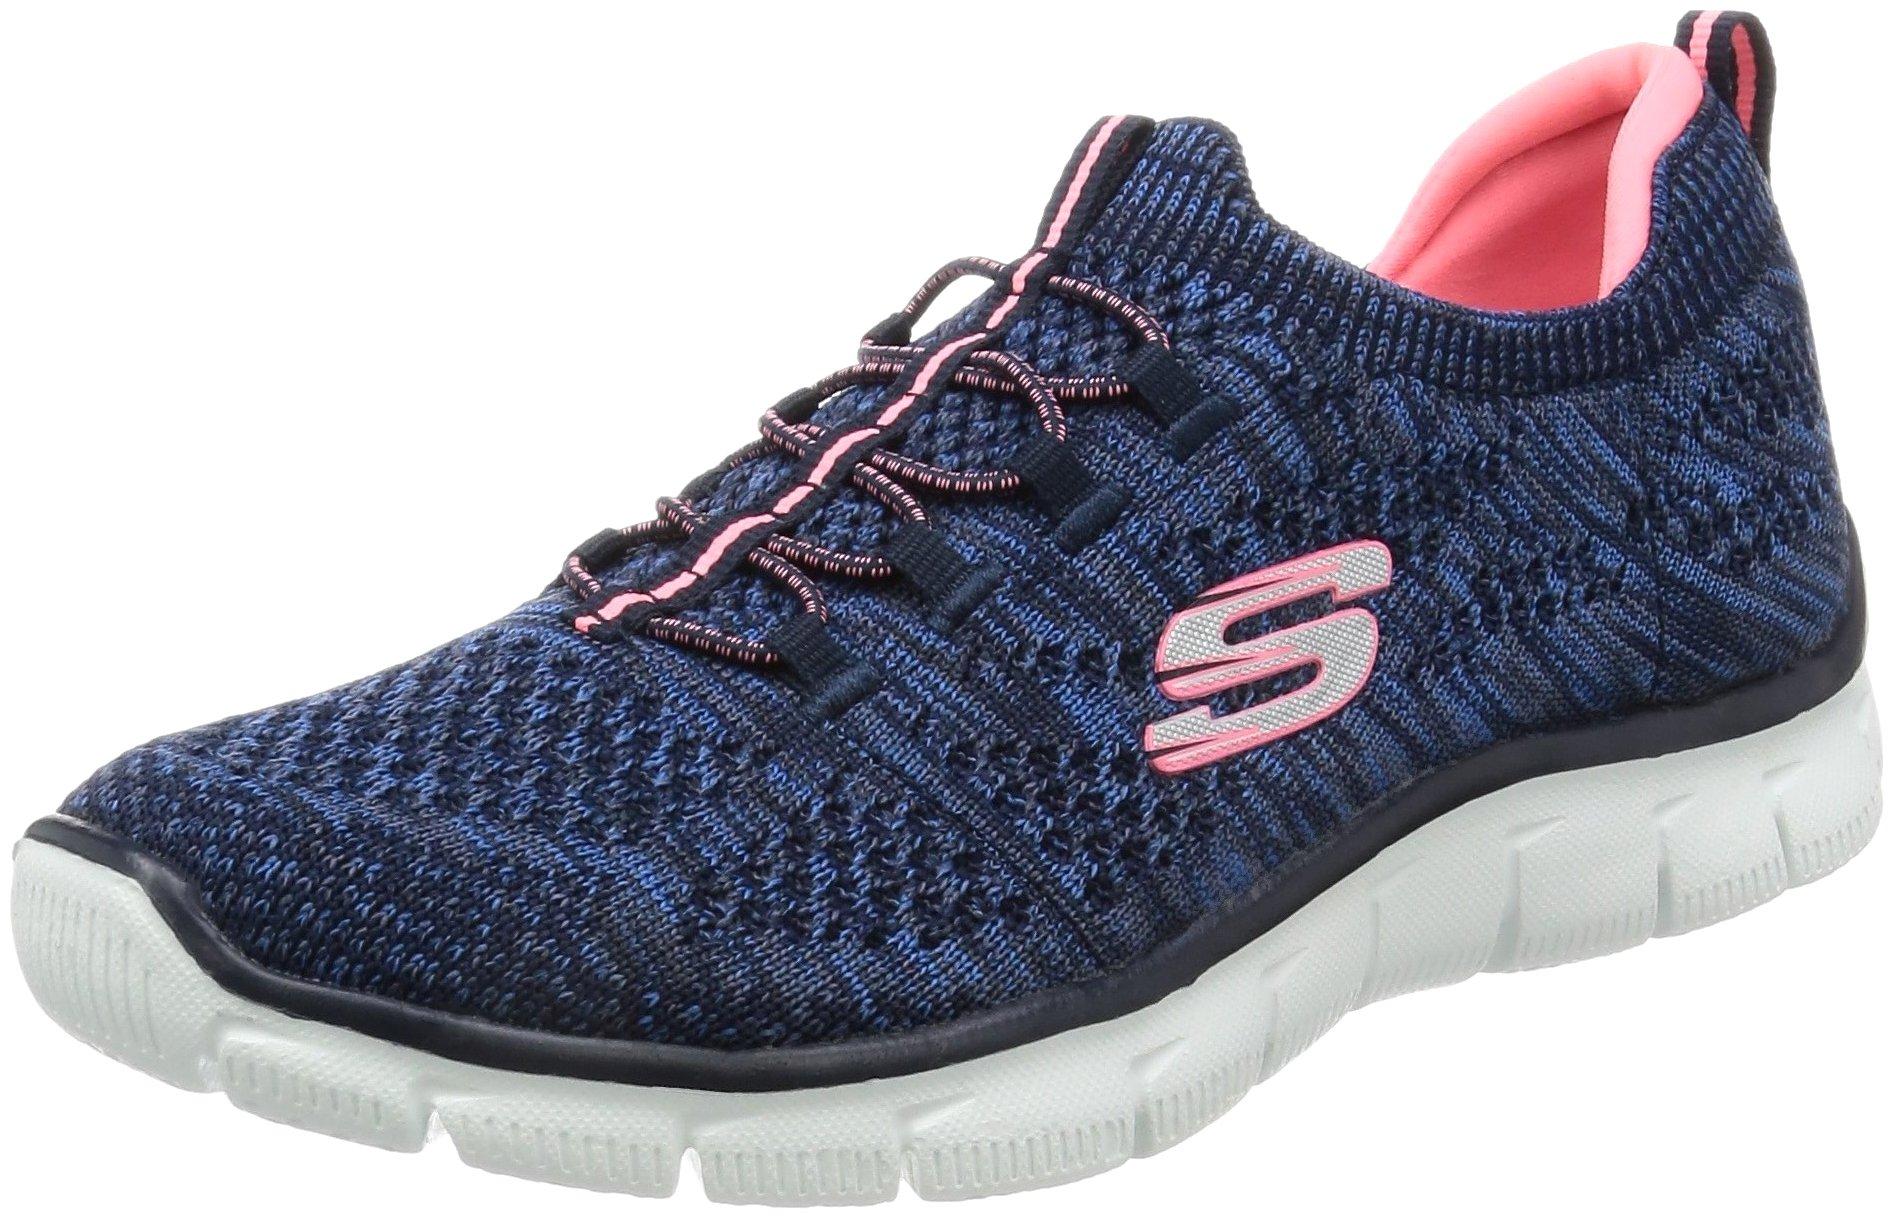 Skechers Women's Empire - Sharp Thinking Navy/Pink 11 B US